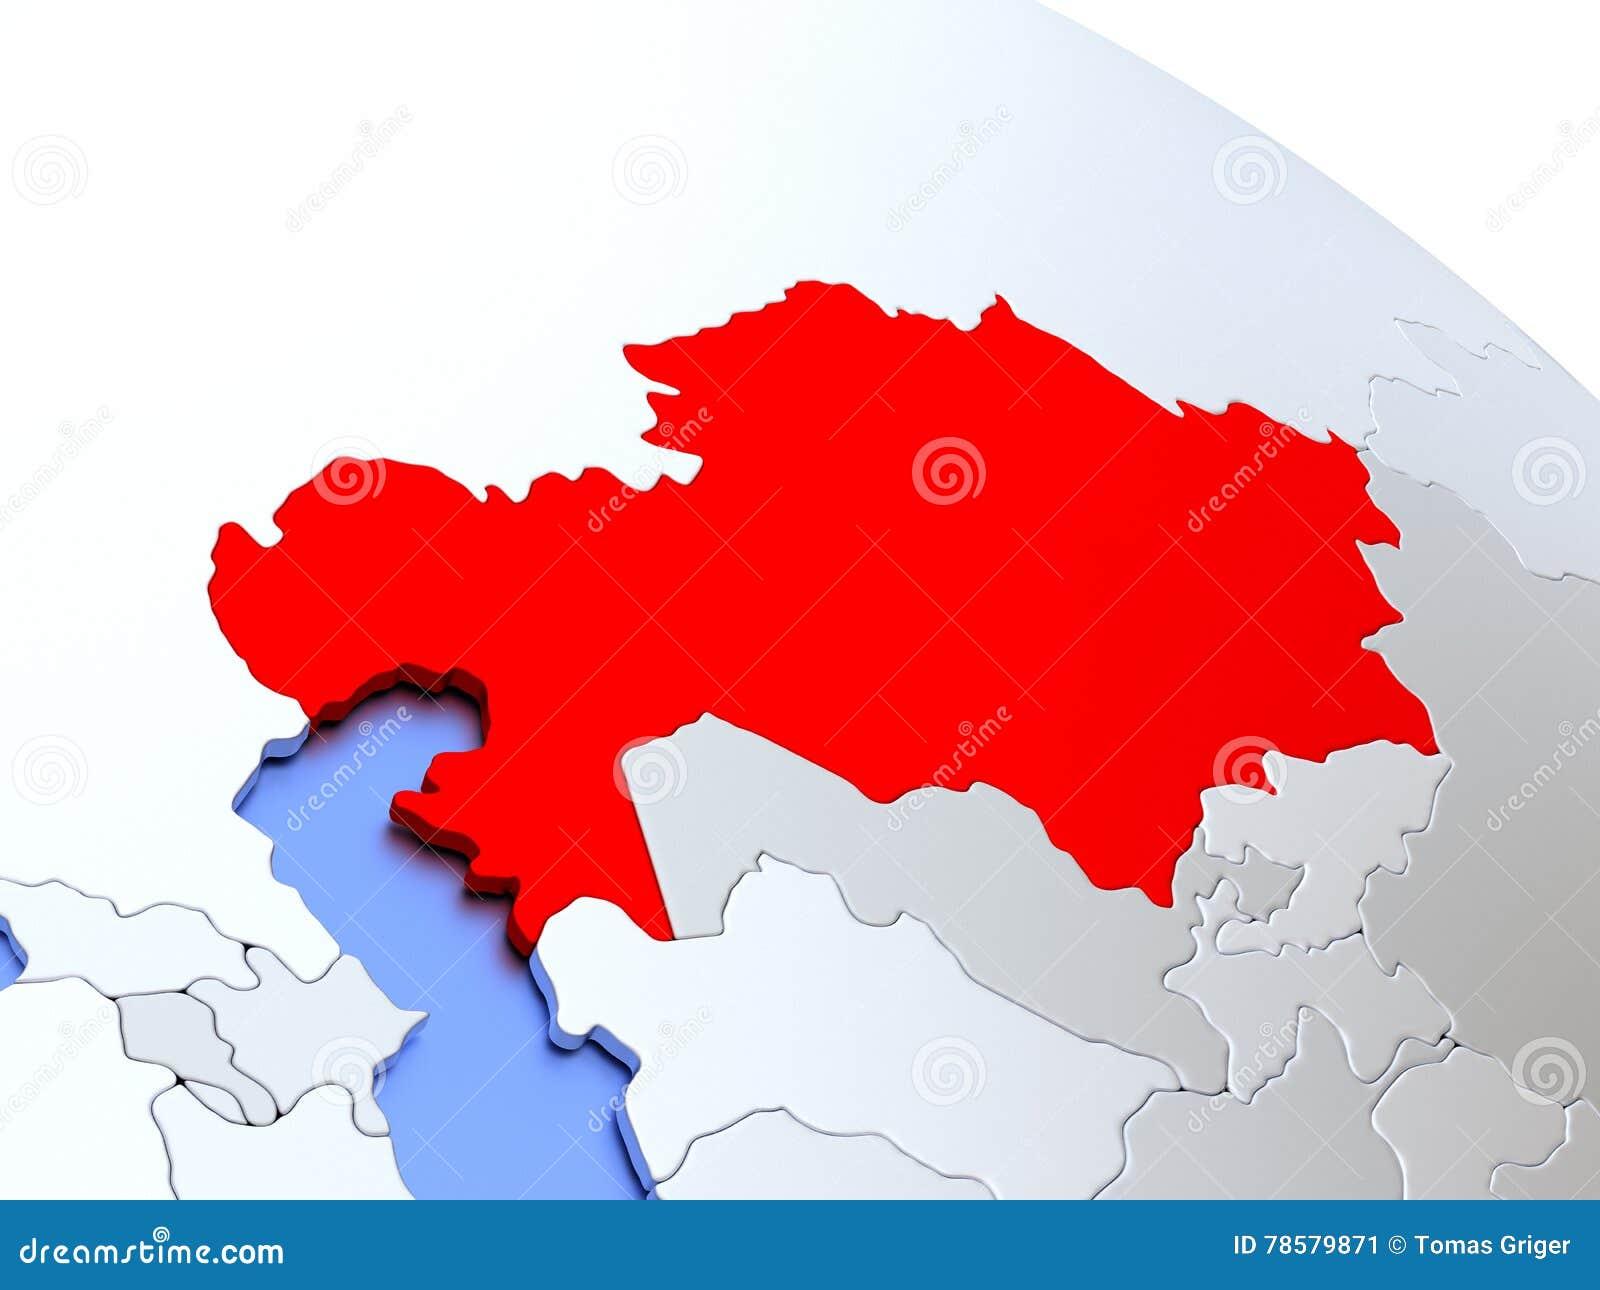 Kazakhstan On World Map Stock Illustration Illustration Of Render